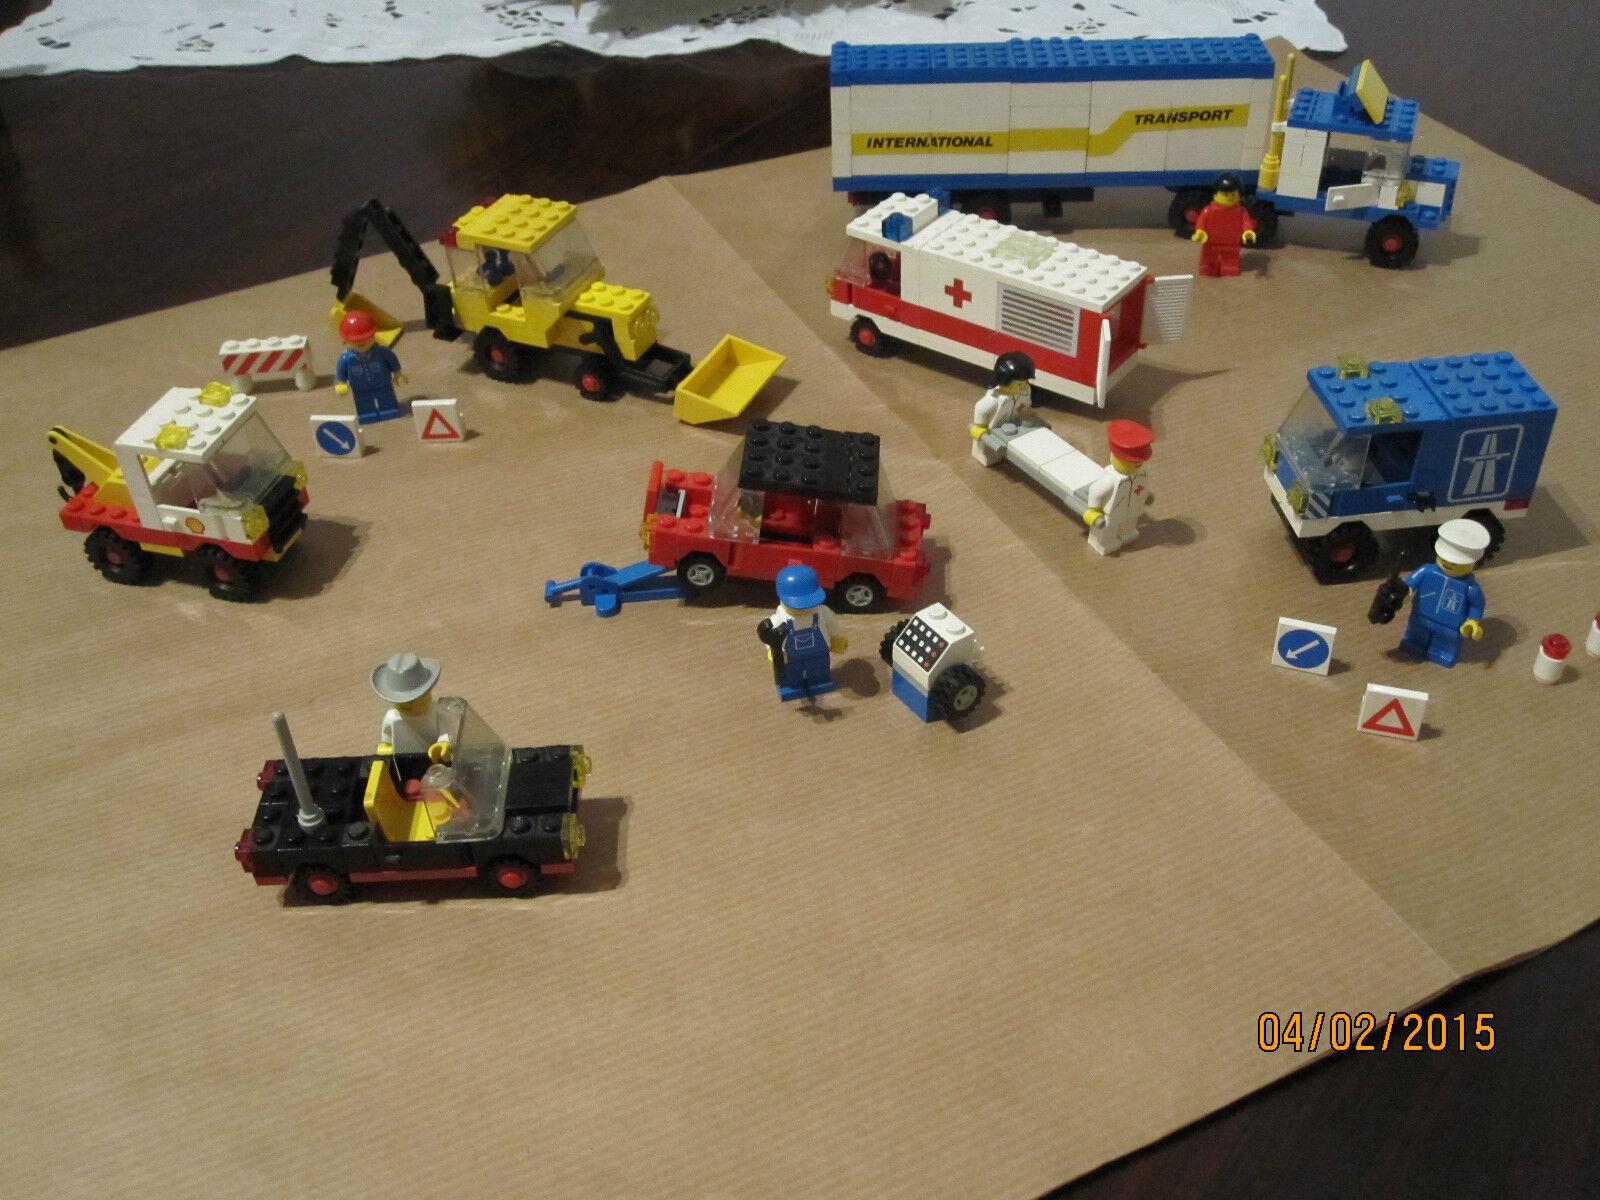 rivenditore di fitness LEGO - Set 192(1977) 192(1977) 192(1977) 6302 6680 6627 Completi  1981-84  incentivi promozionali